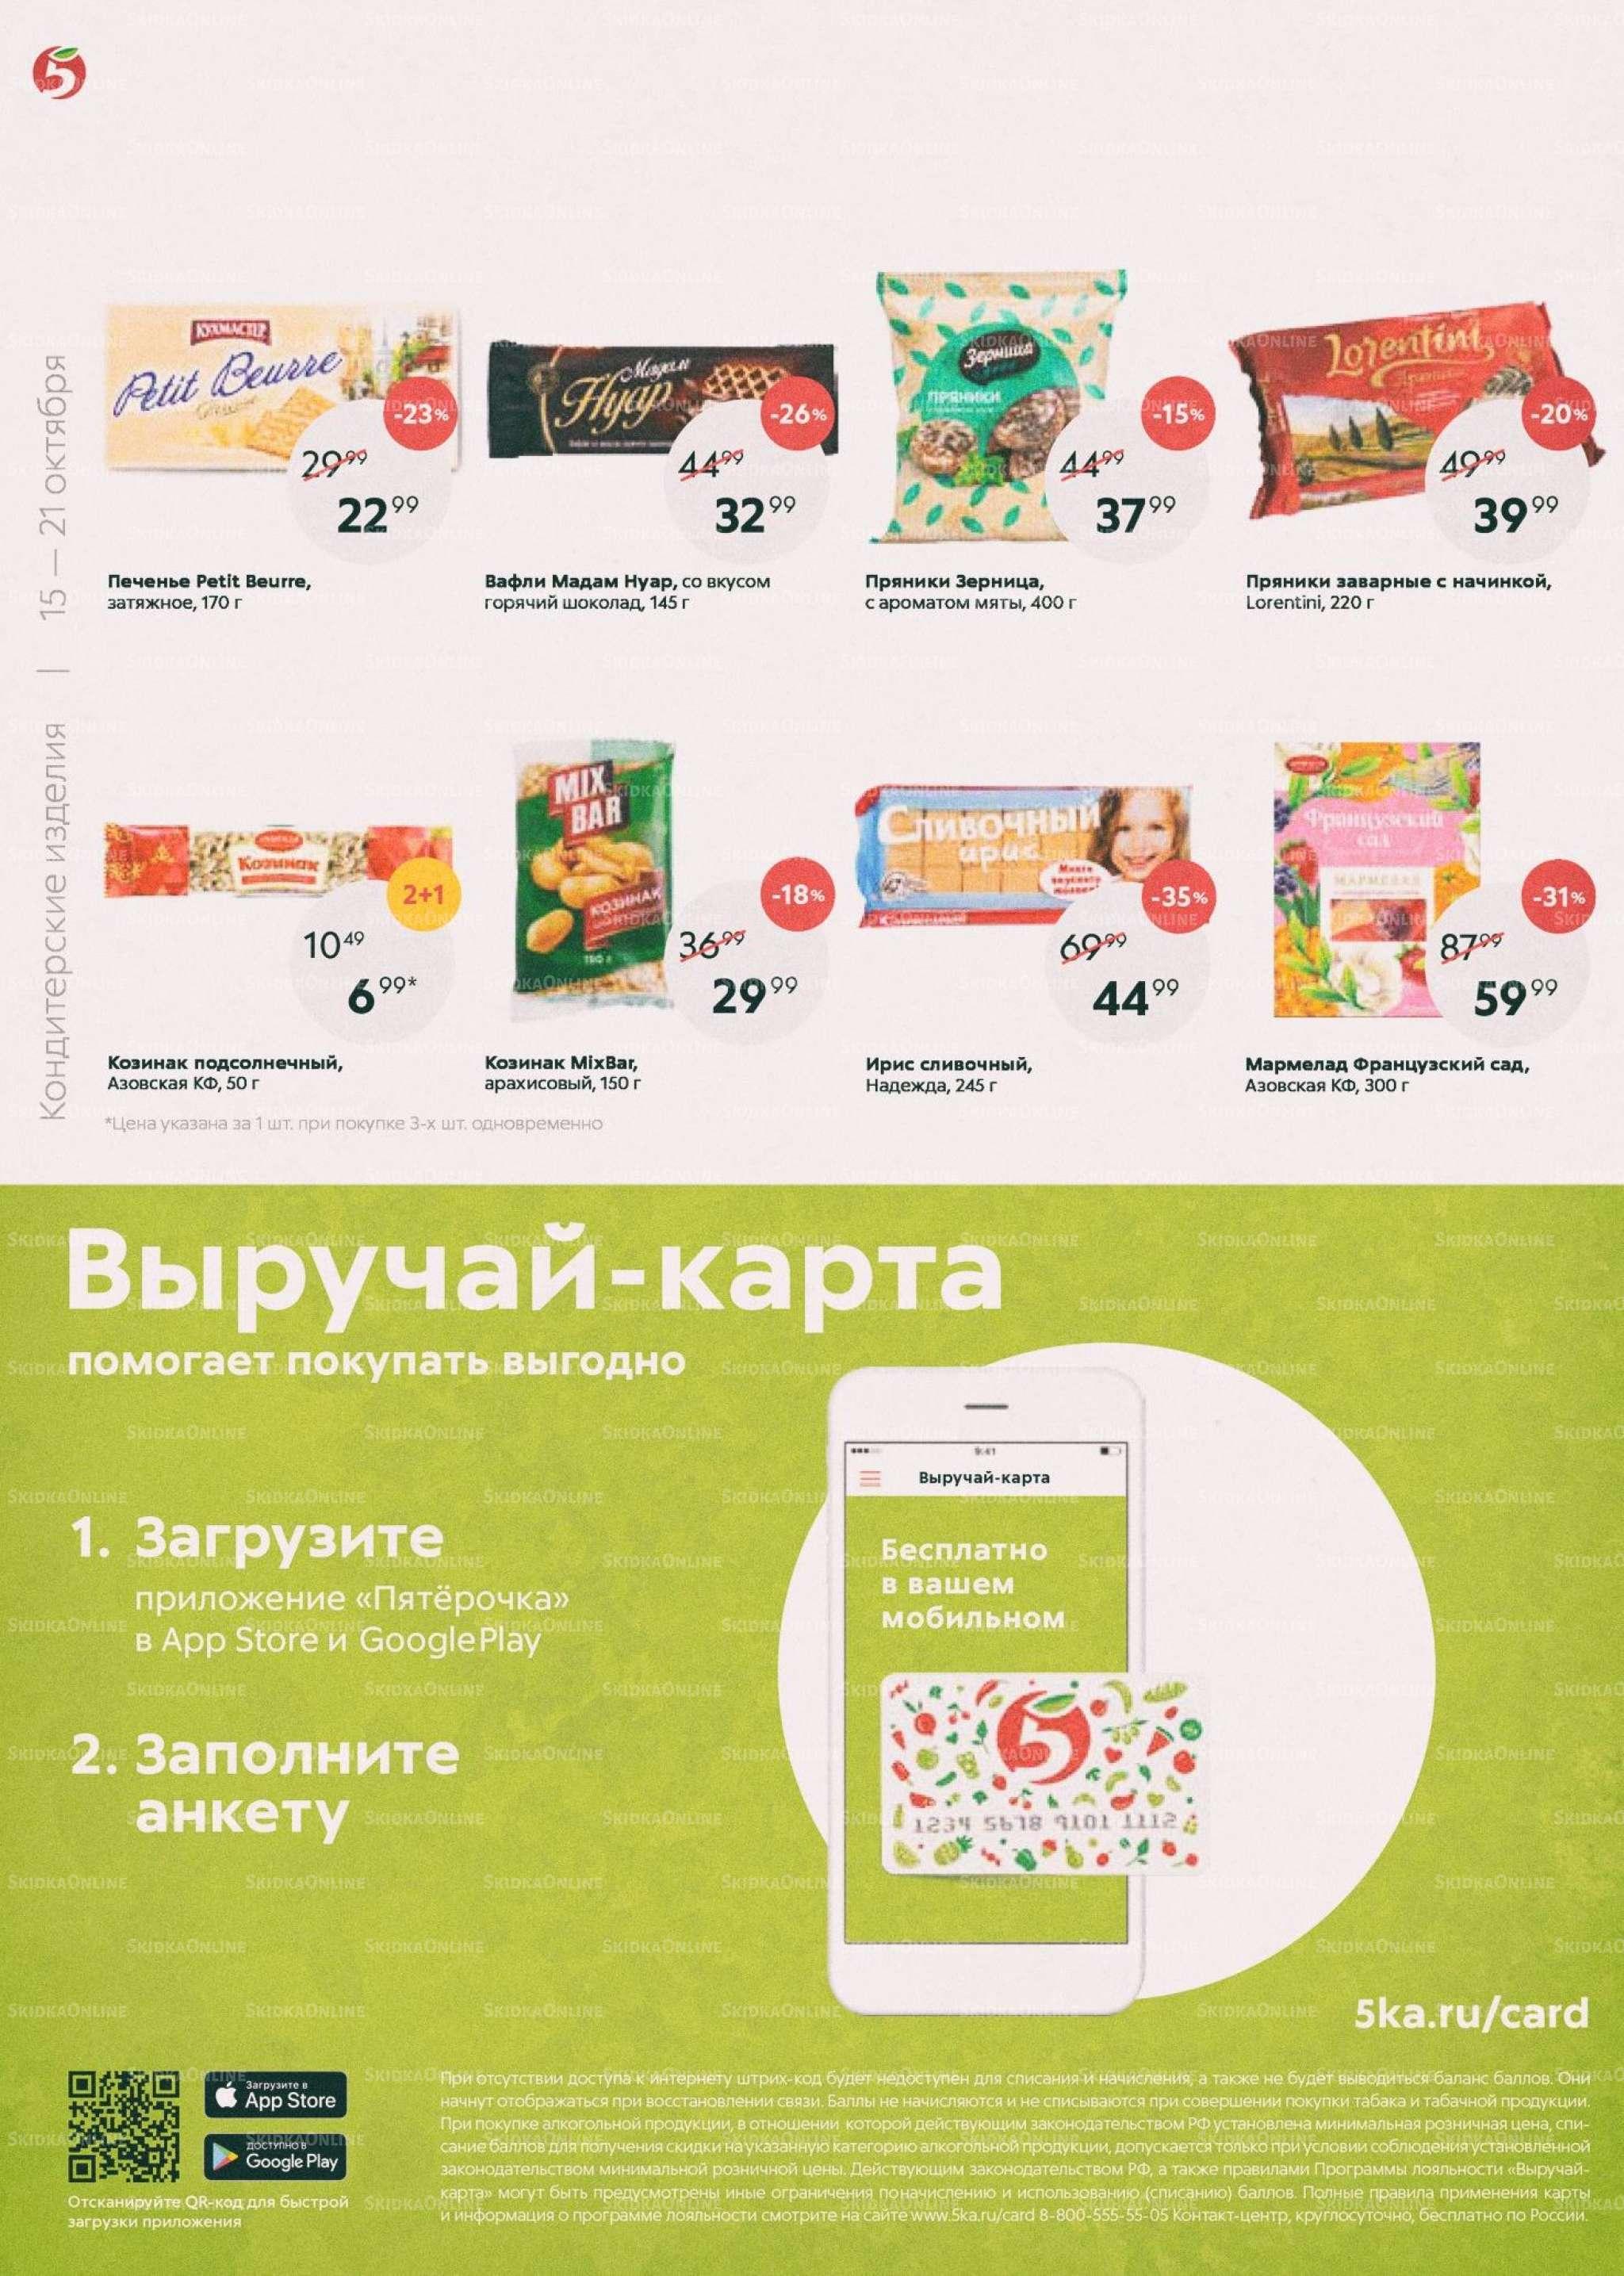 Акции в Пятёрочке с 15 по 21 октября 2019 года